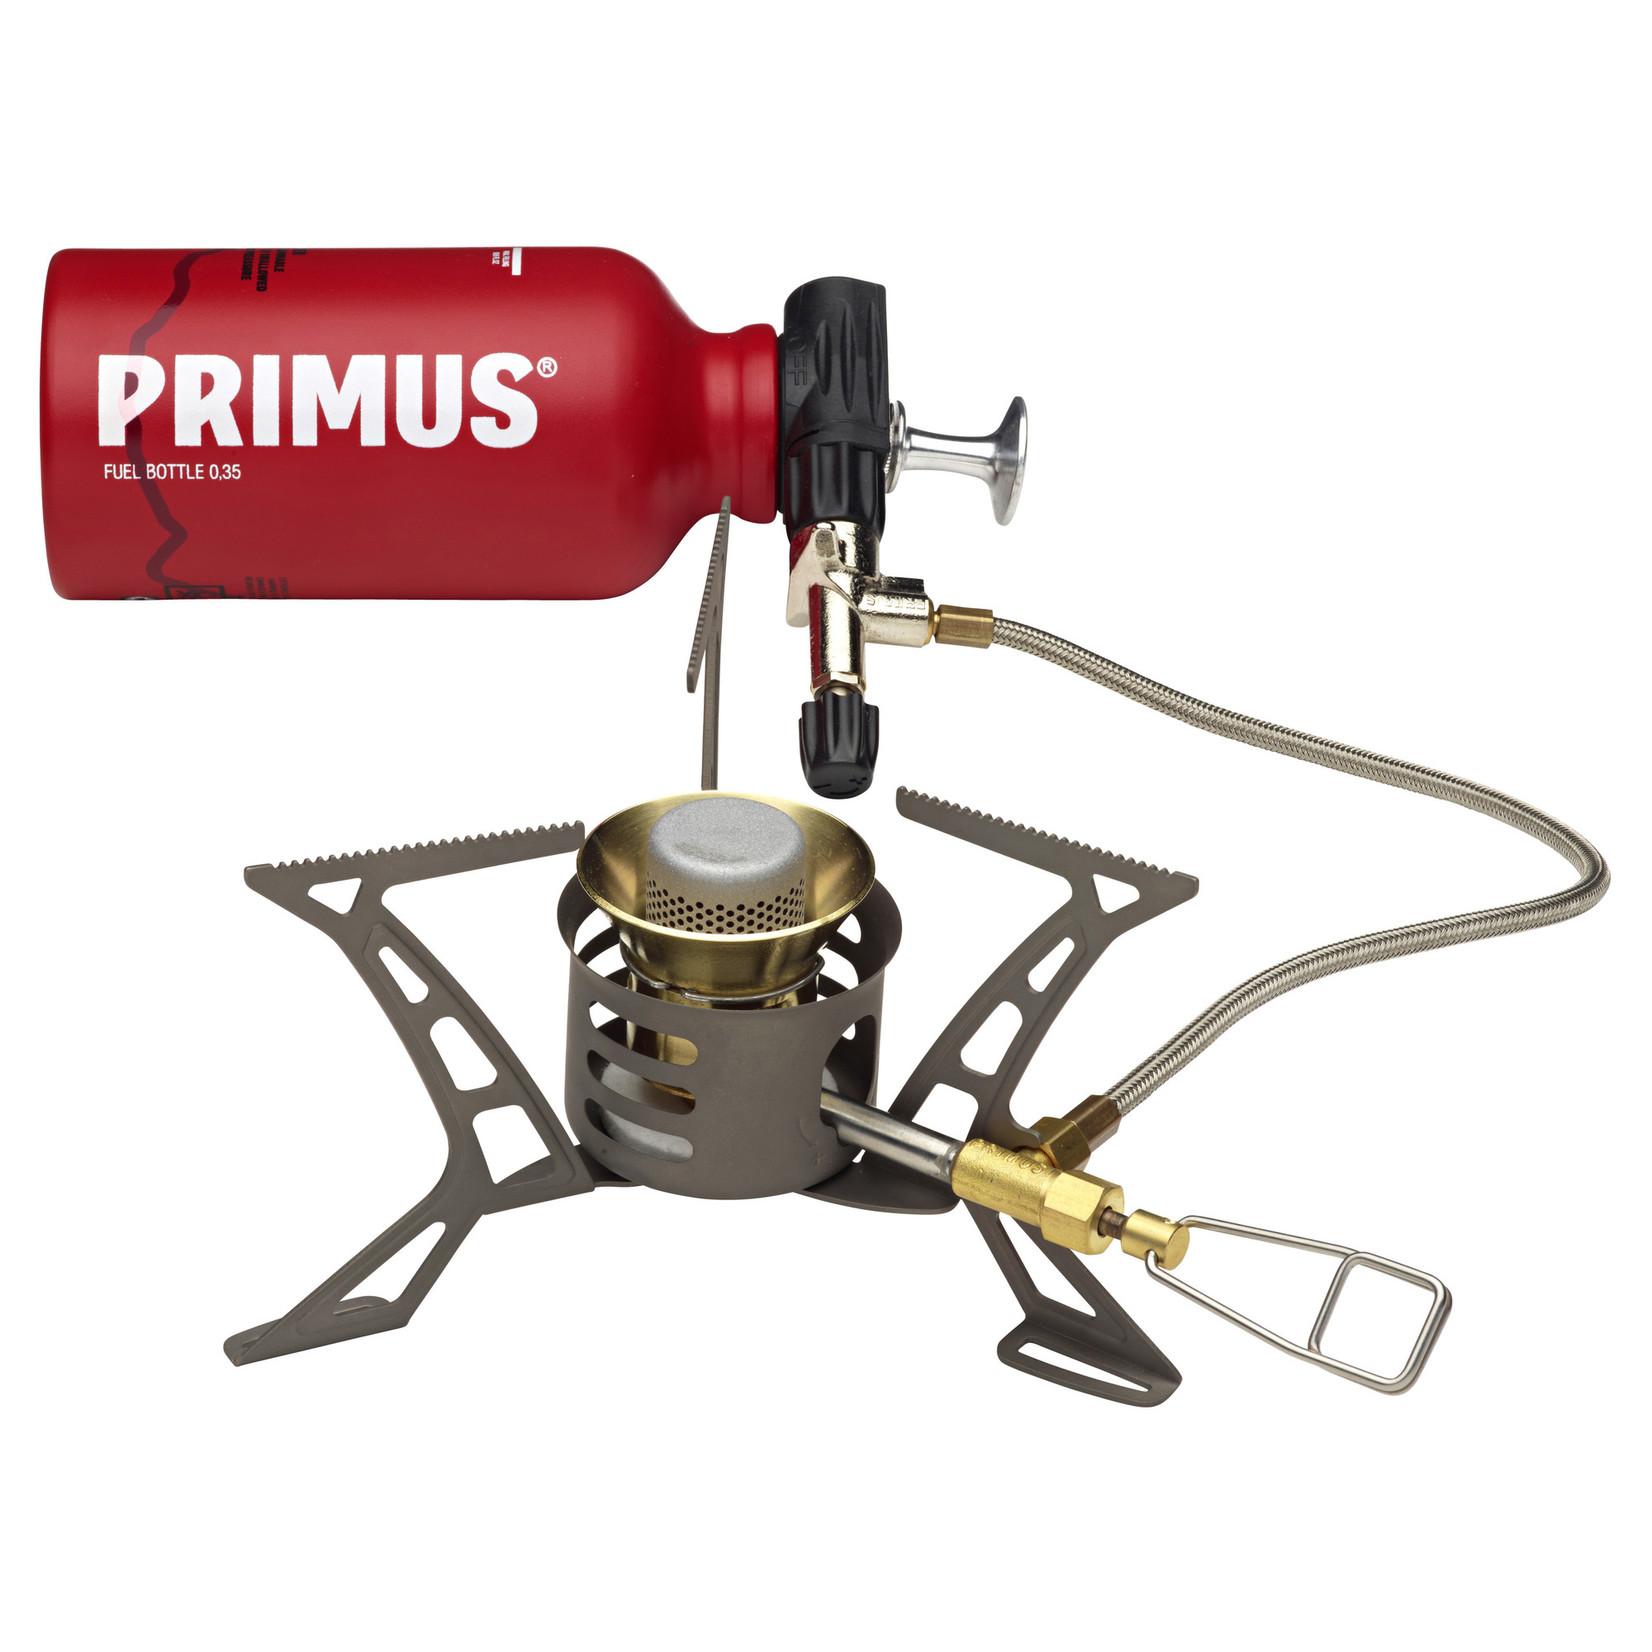 Primus Primus OmniLite Ti Silencer, werking alleen bij diverse soorten gas